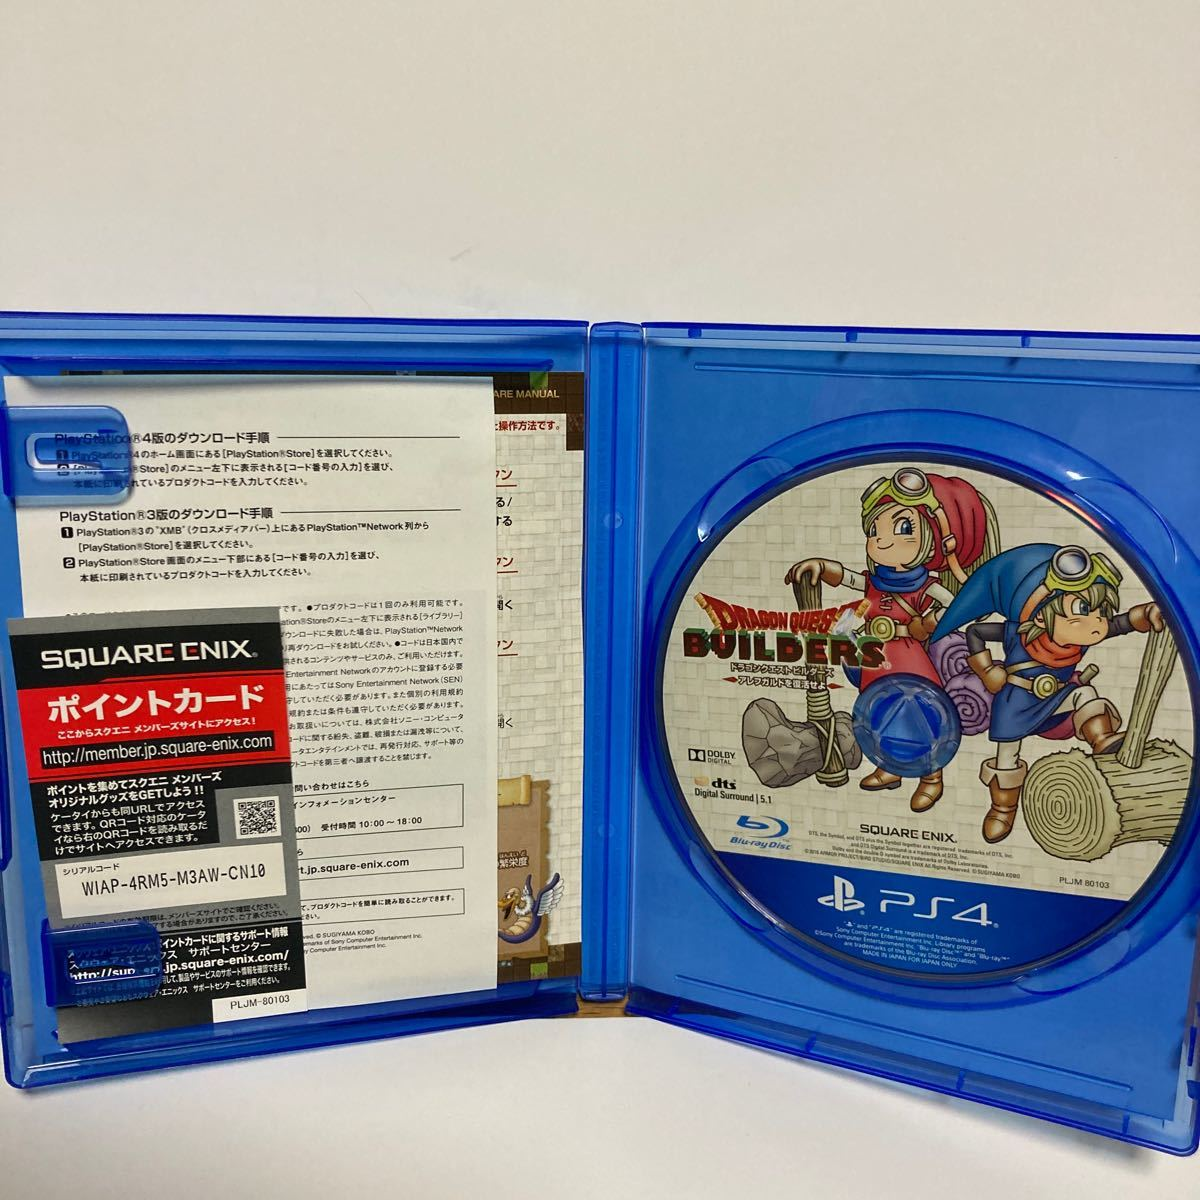 PS4 ドラゴンクエストビルダーズアレフガルドを復活せよ ドラゴンクエストビルダーズ PS4ソフト